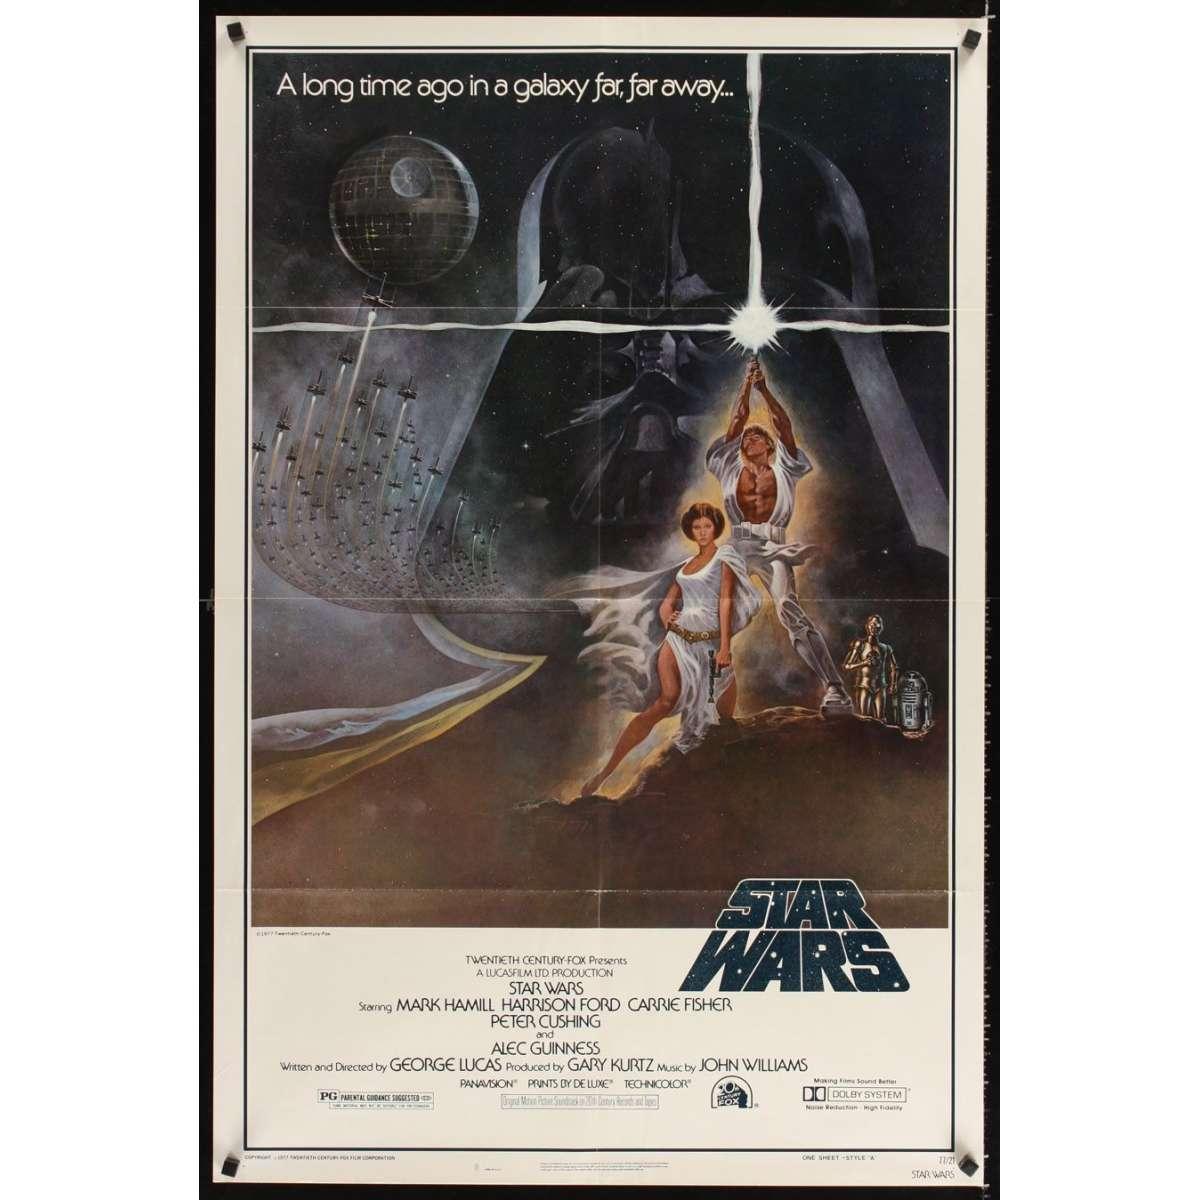 star wars movie poster. Black Bedroom Furniture Sets. Home Design Ideas